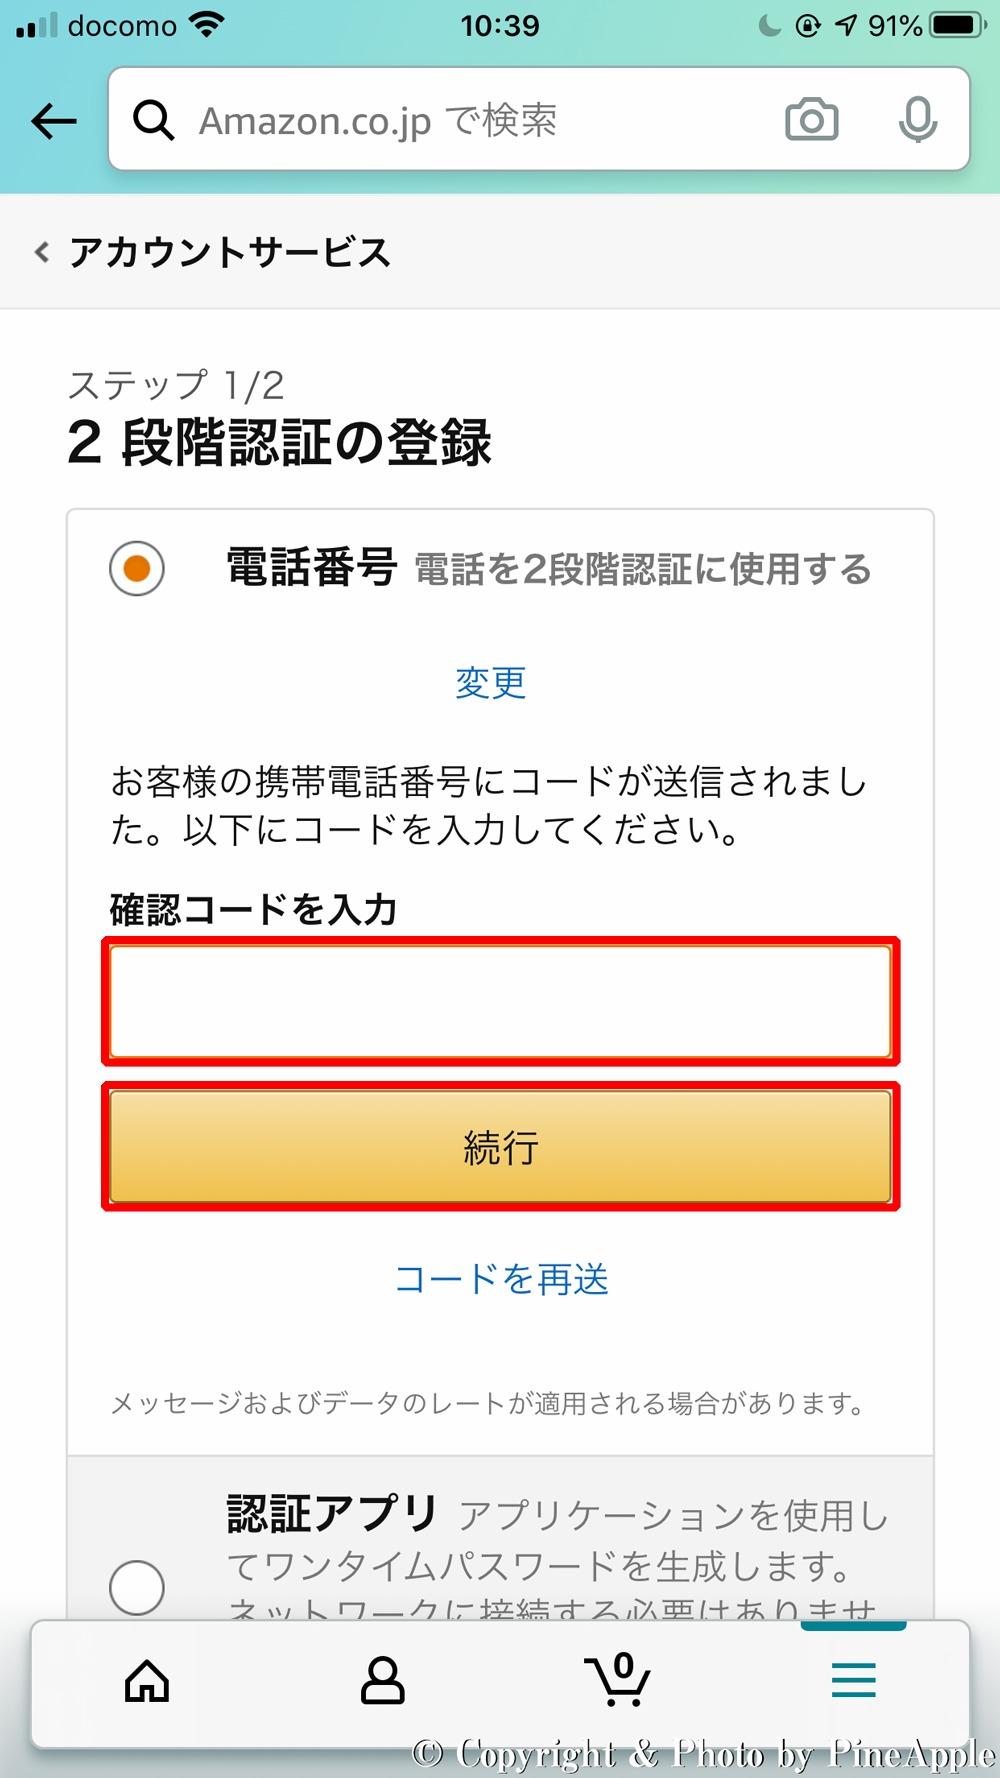 Amazon アカウントの 2 段階認証設定:「確認コードを入力」に 6 桁の「確認コード」を入力し、「続行」をタップ